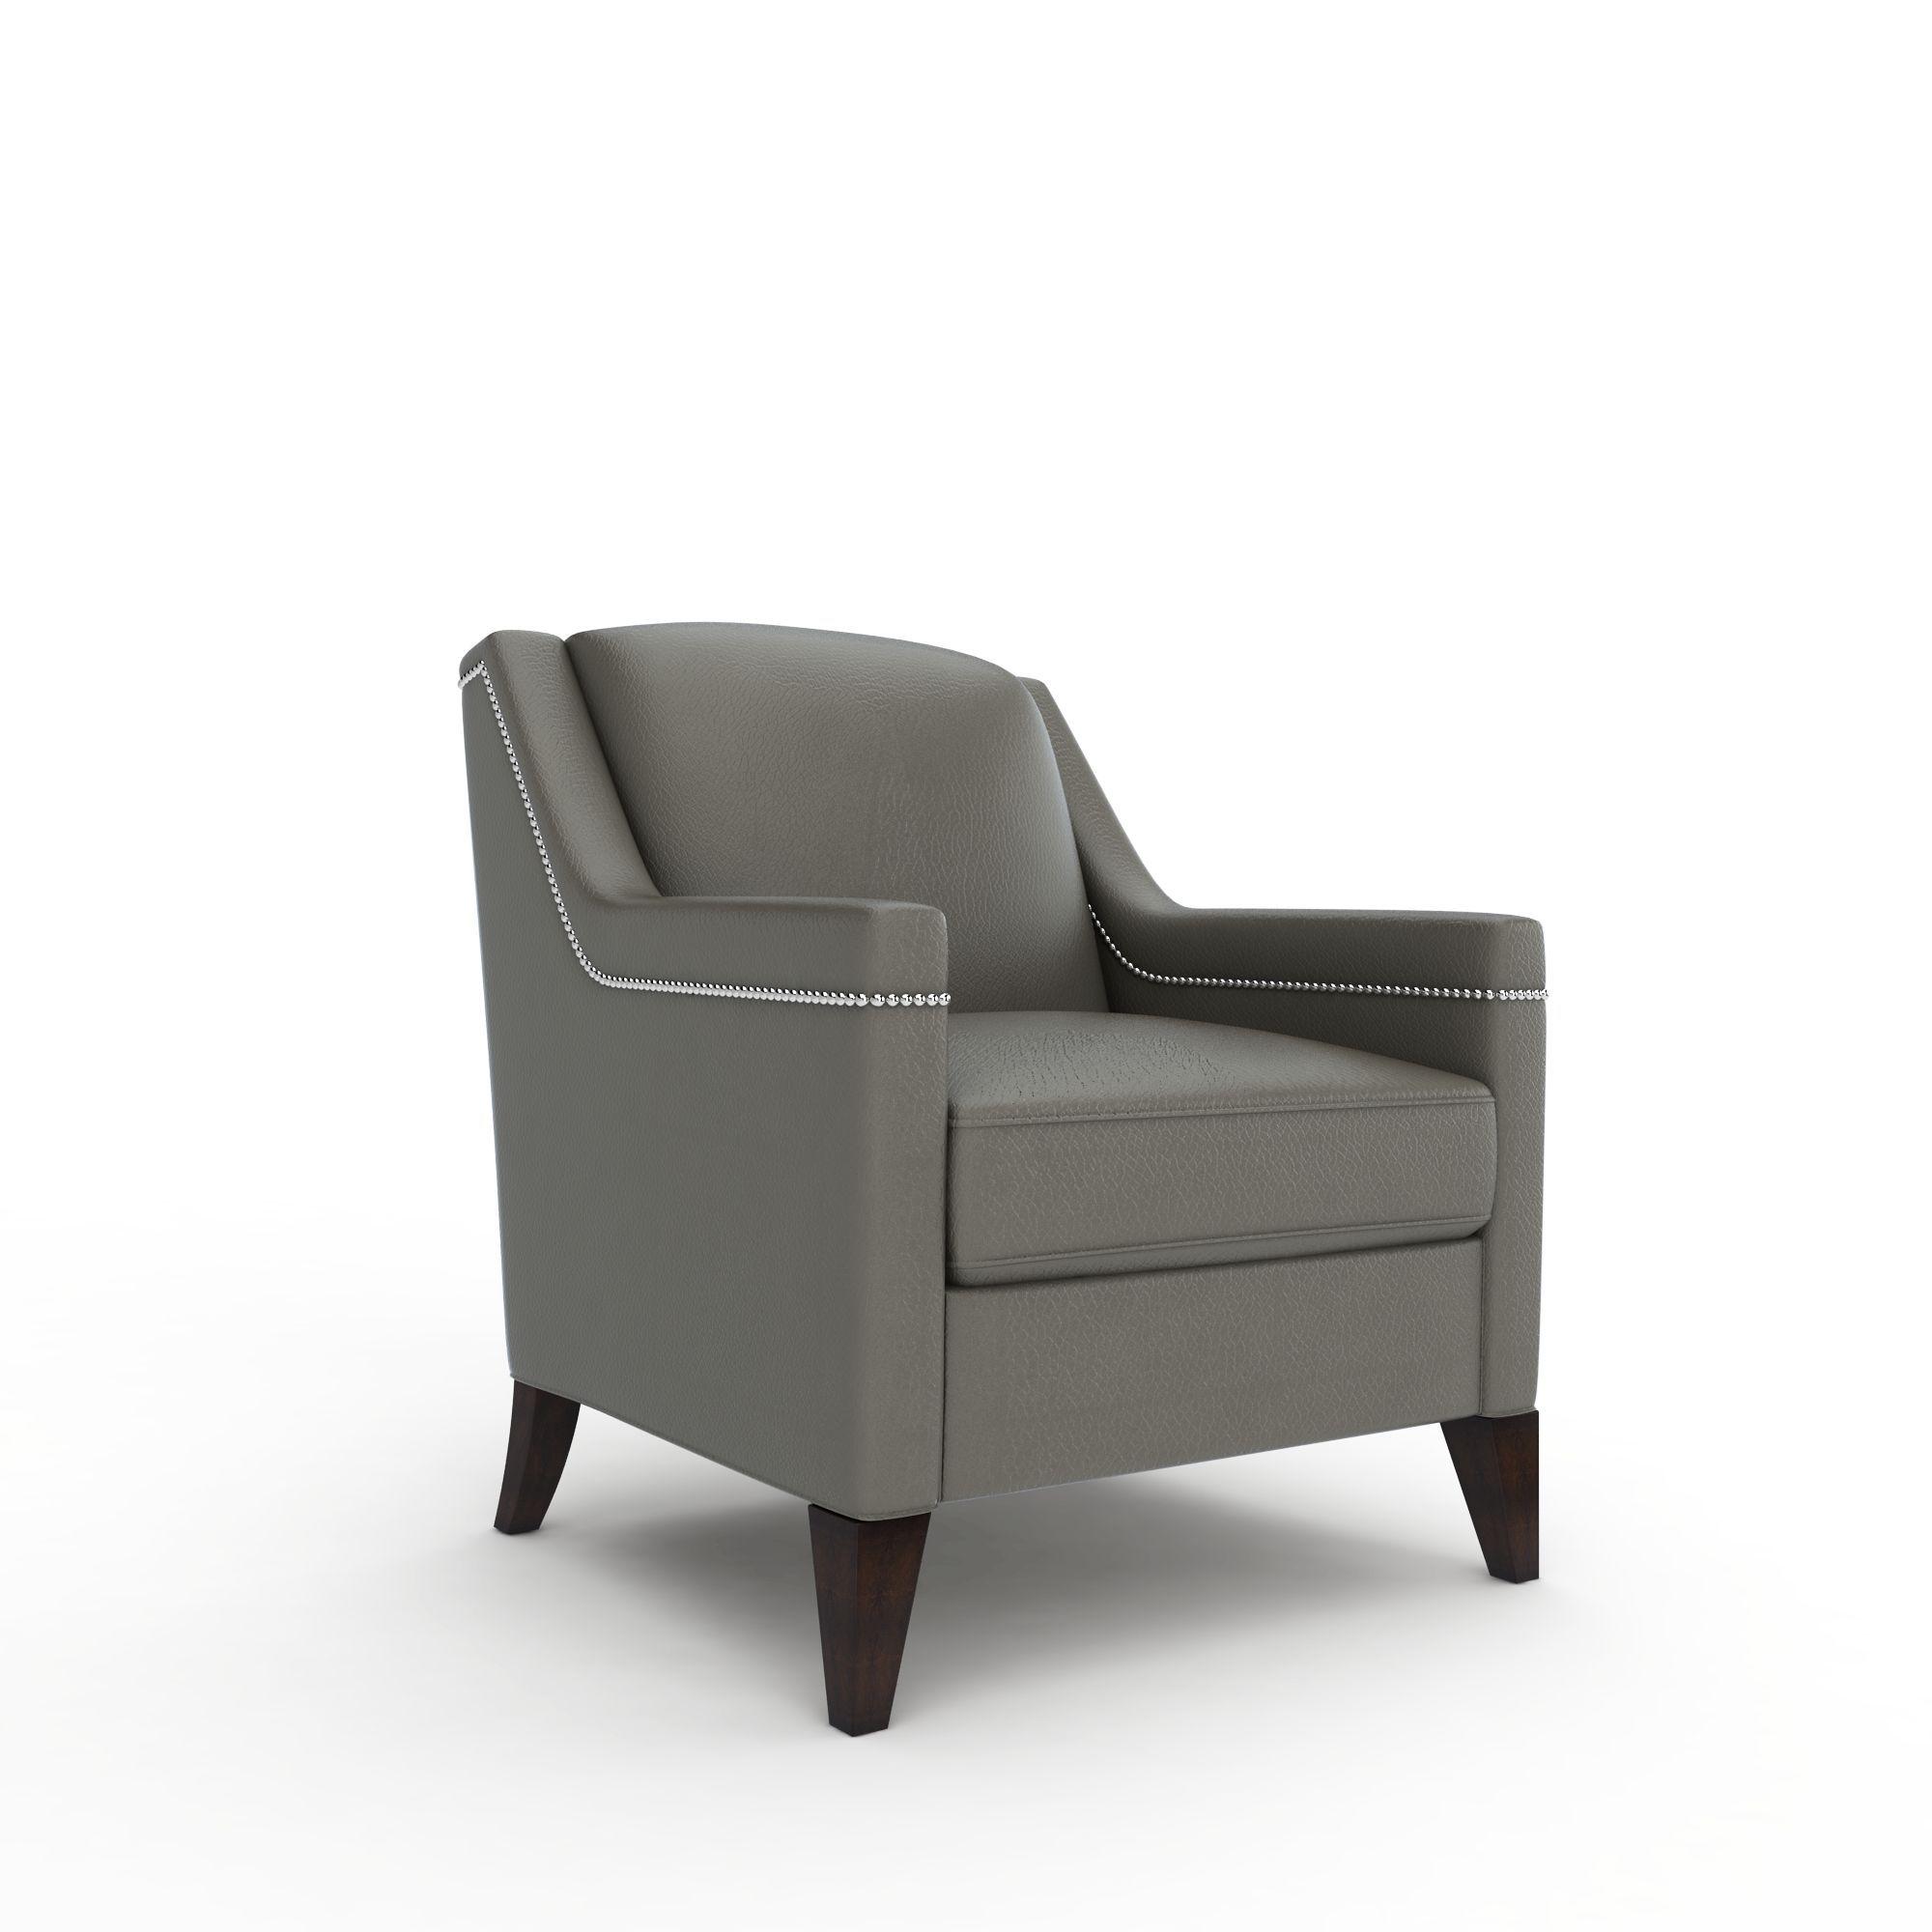 现代单人沙发图片_现代单人沙发png图片素材_现代单人